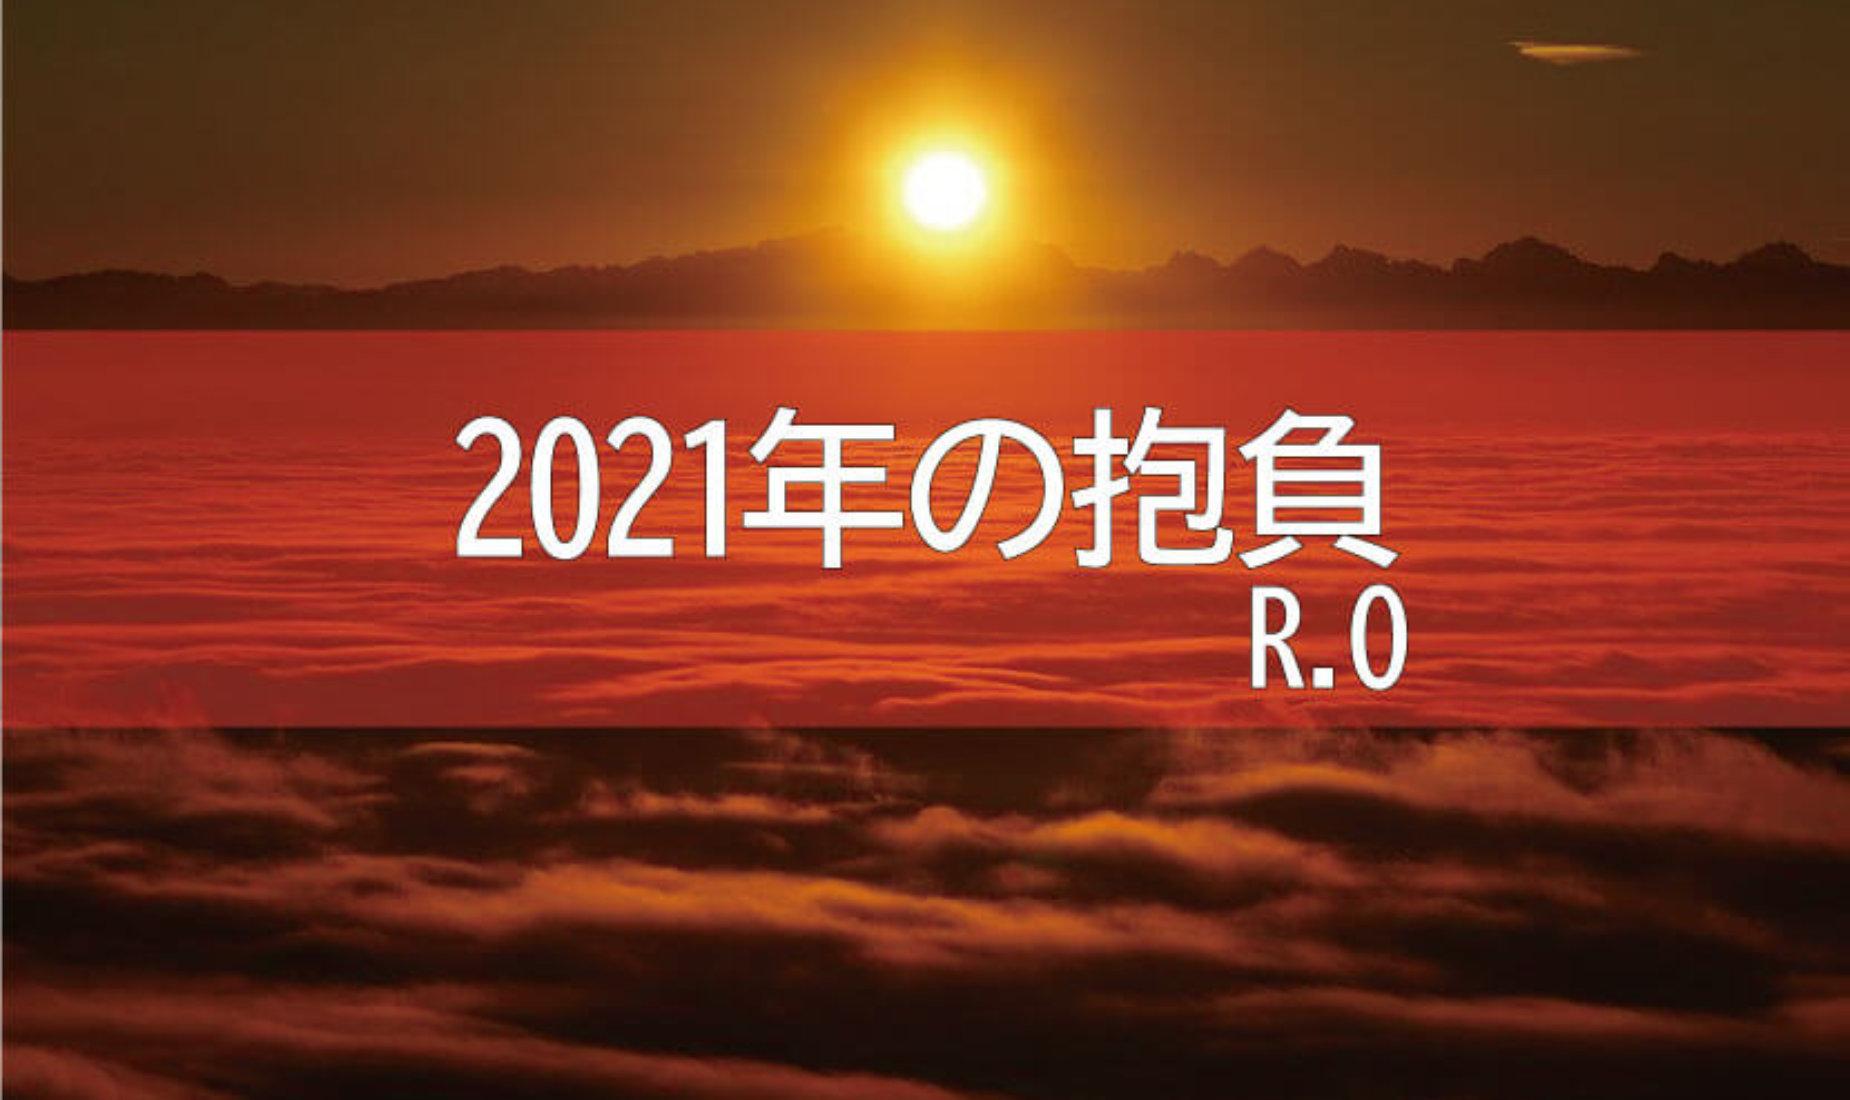 2021年の抱負 R.O